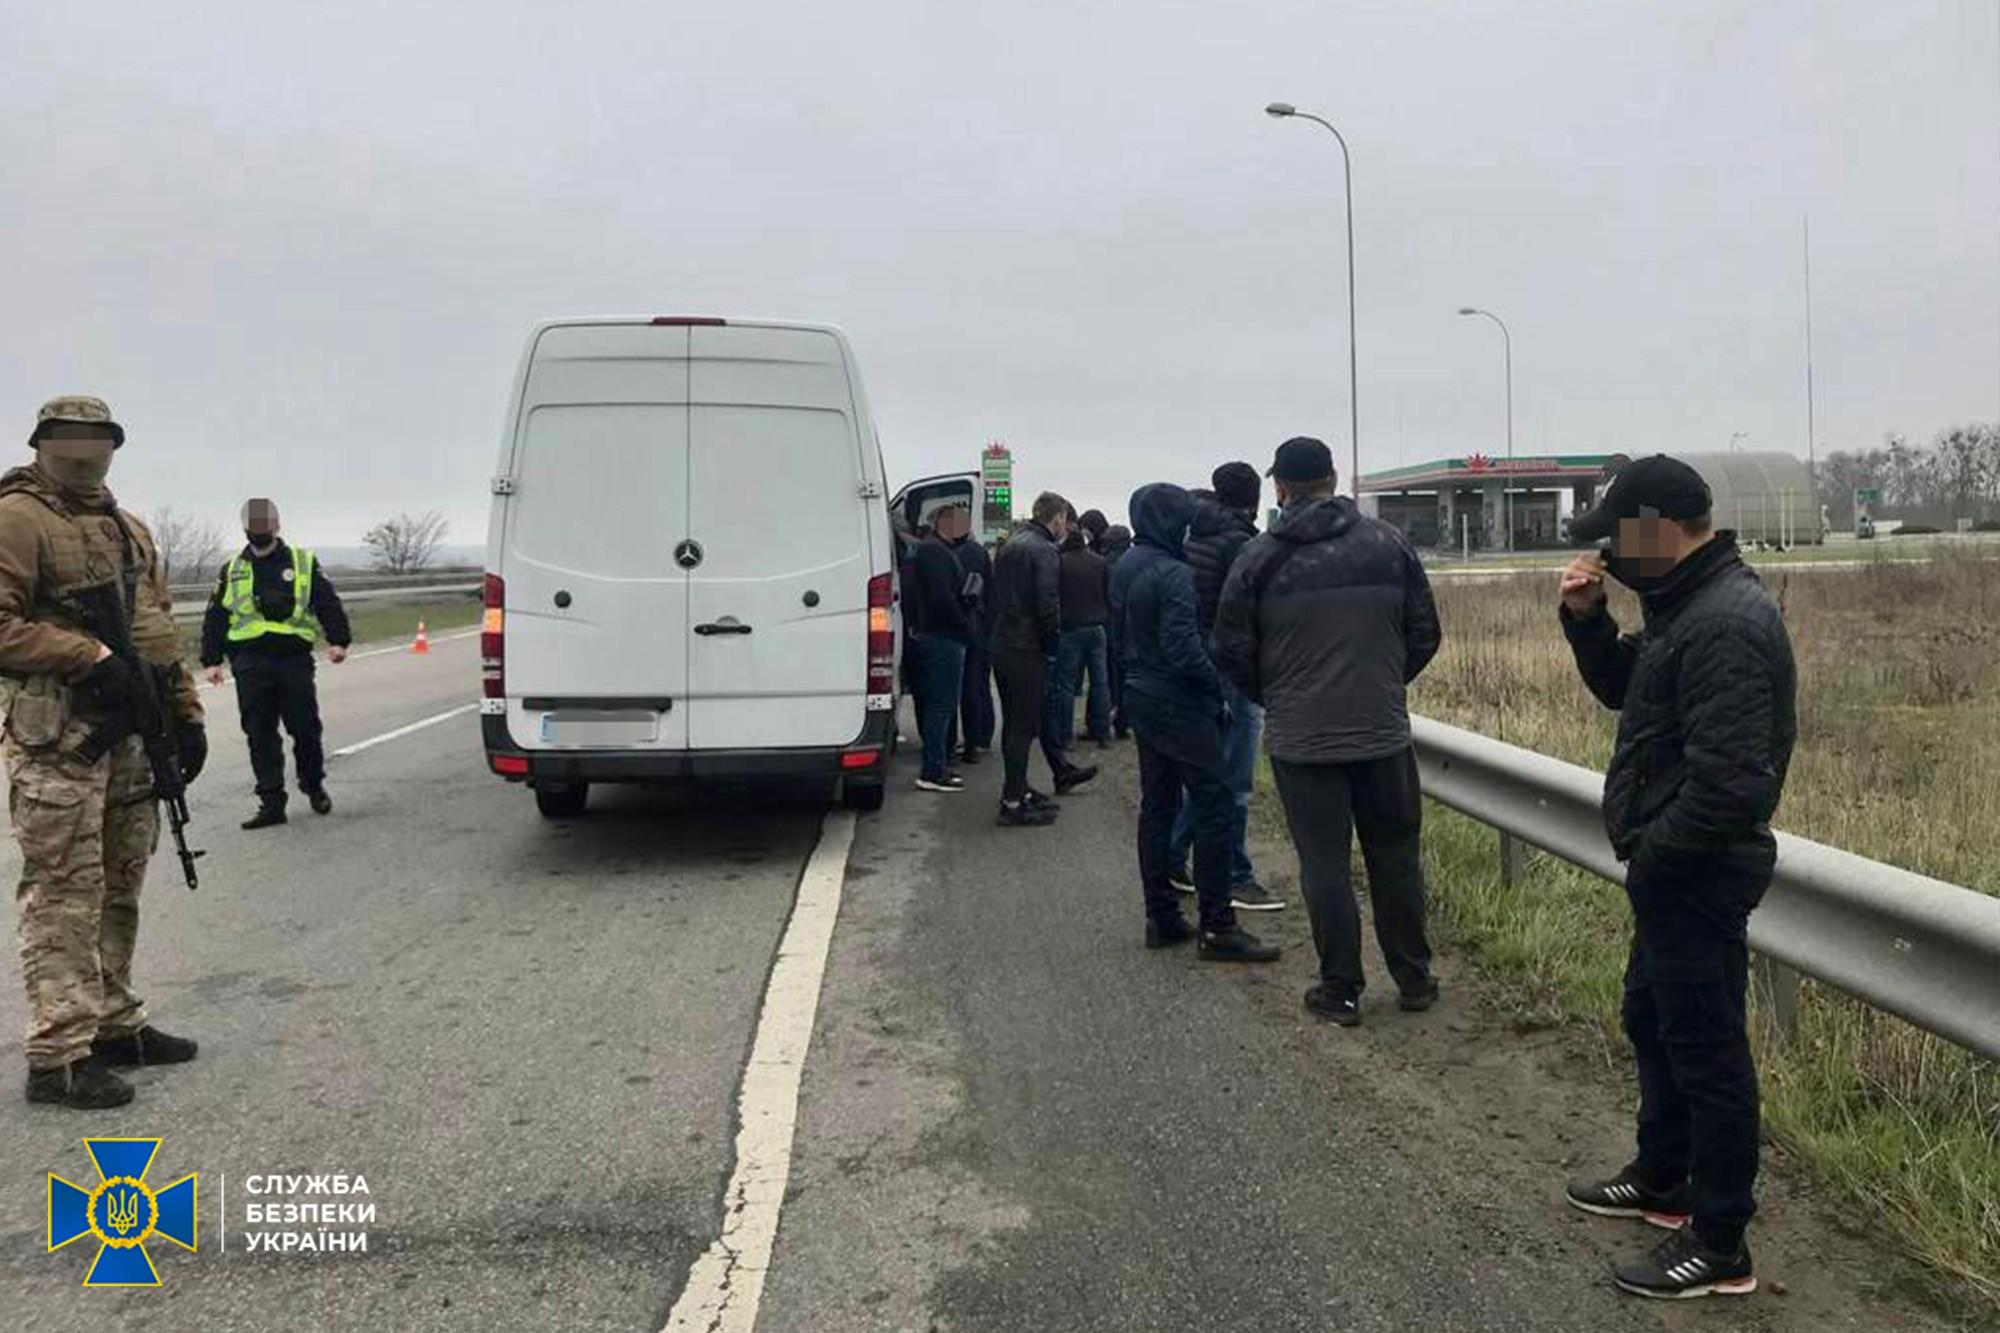 Планували влаштувати бунт, створивши картинку для російських ЗМІ: під Харковом зупинили автобуси «тітушок»